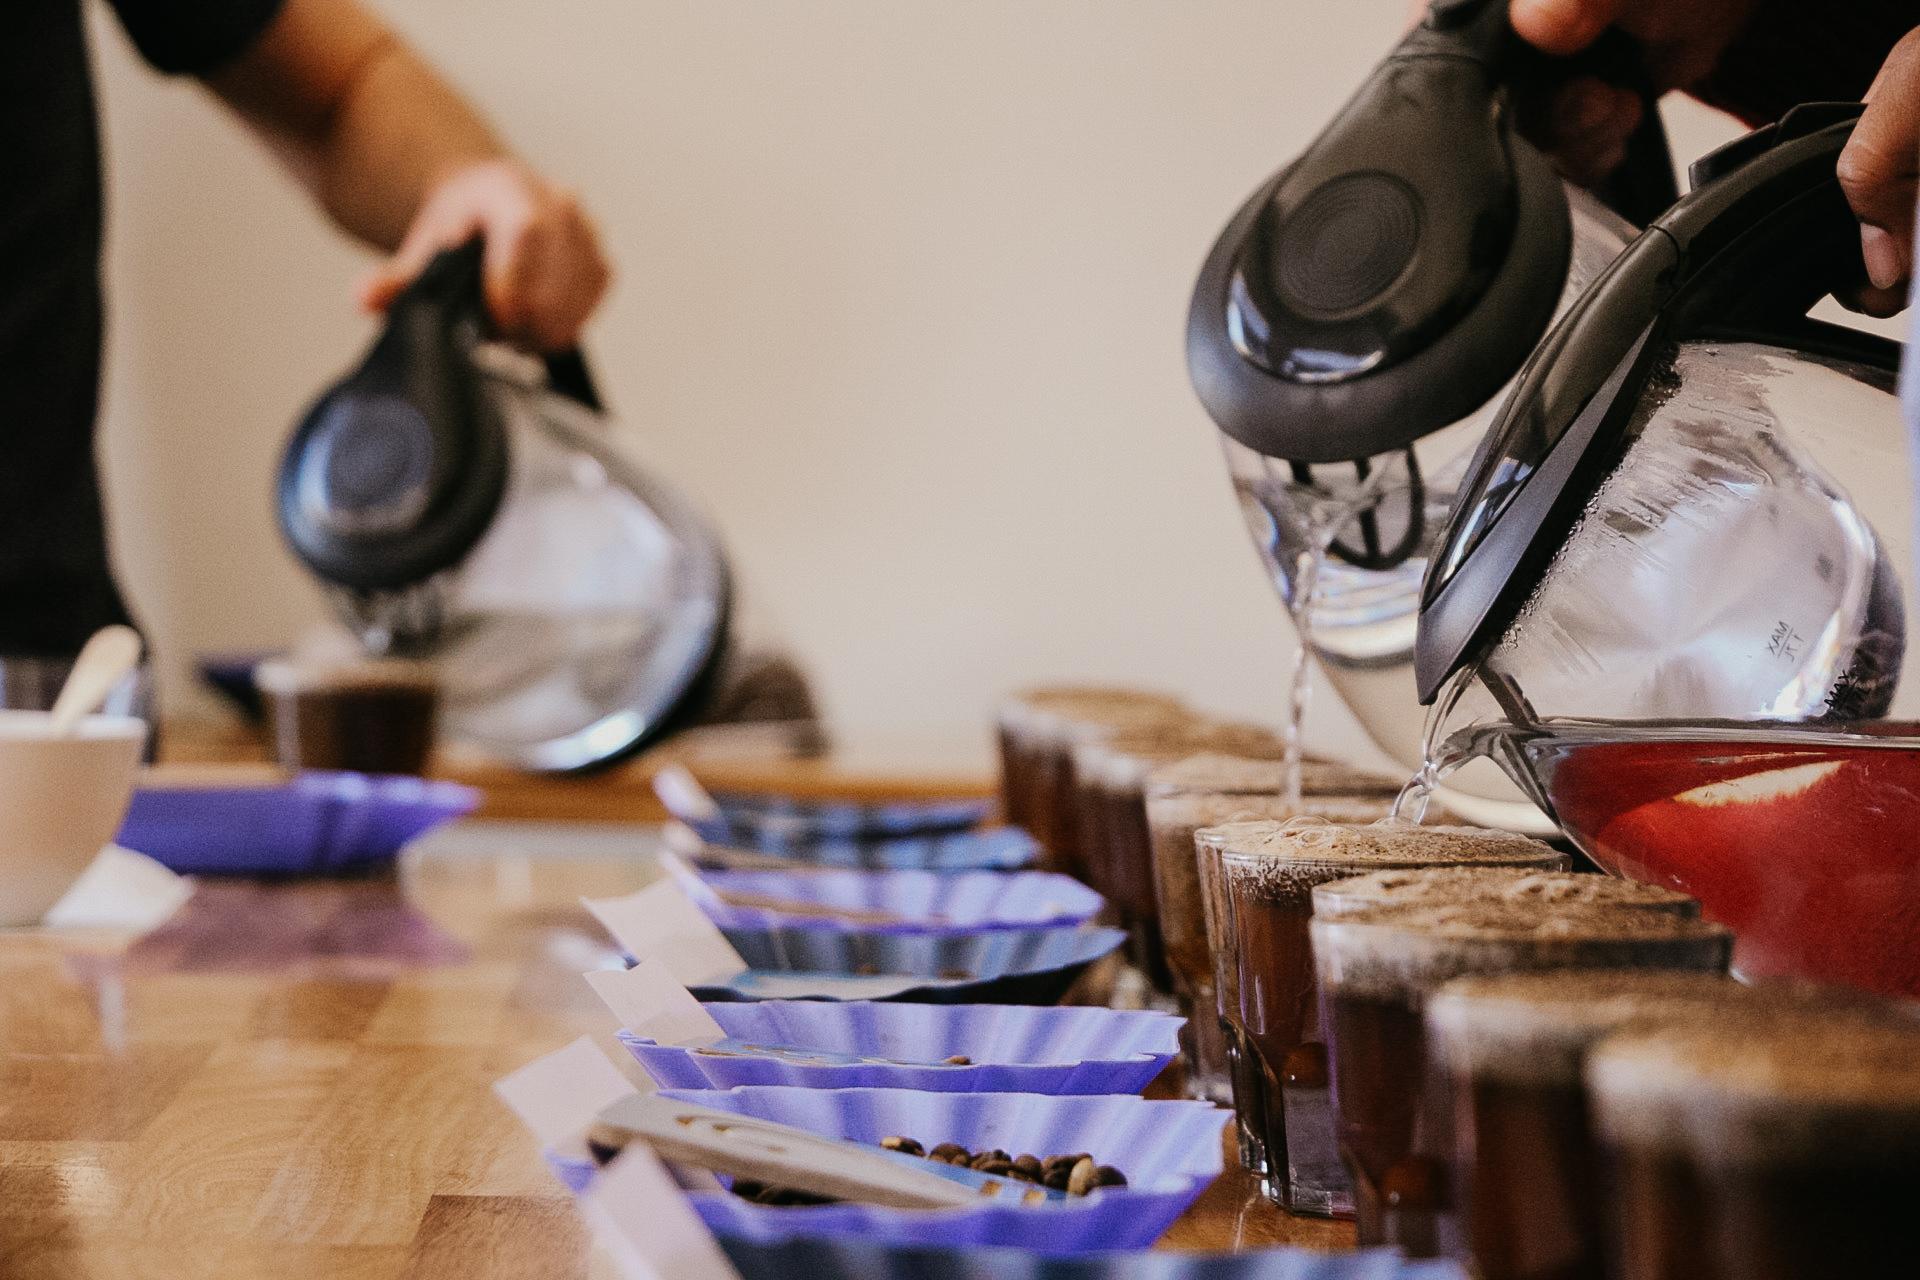 Ready, set, pour.